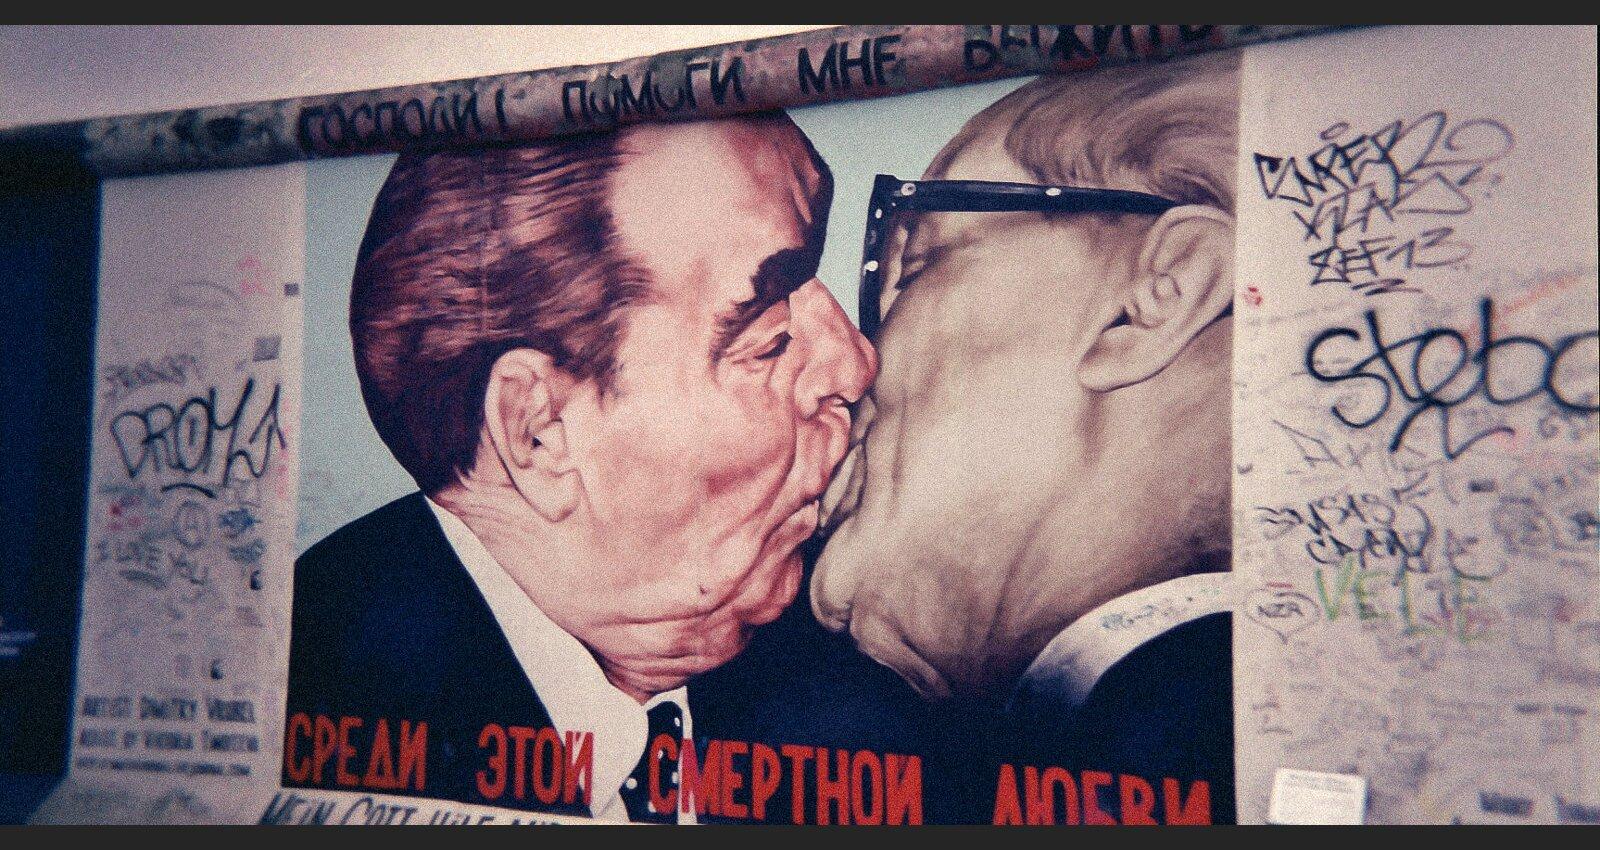 Nesenā vēsture: valstij piederošas geju diskotēkas un slepenpolicijas terors komunistiskajā Austrumvācijā